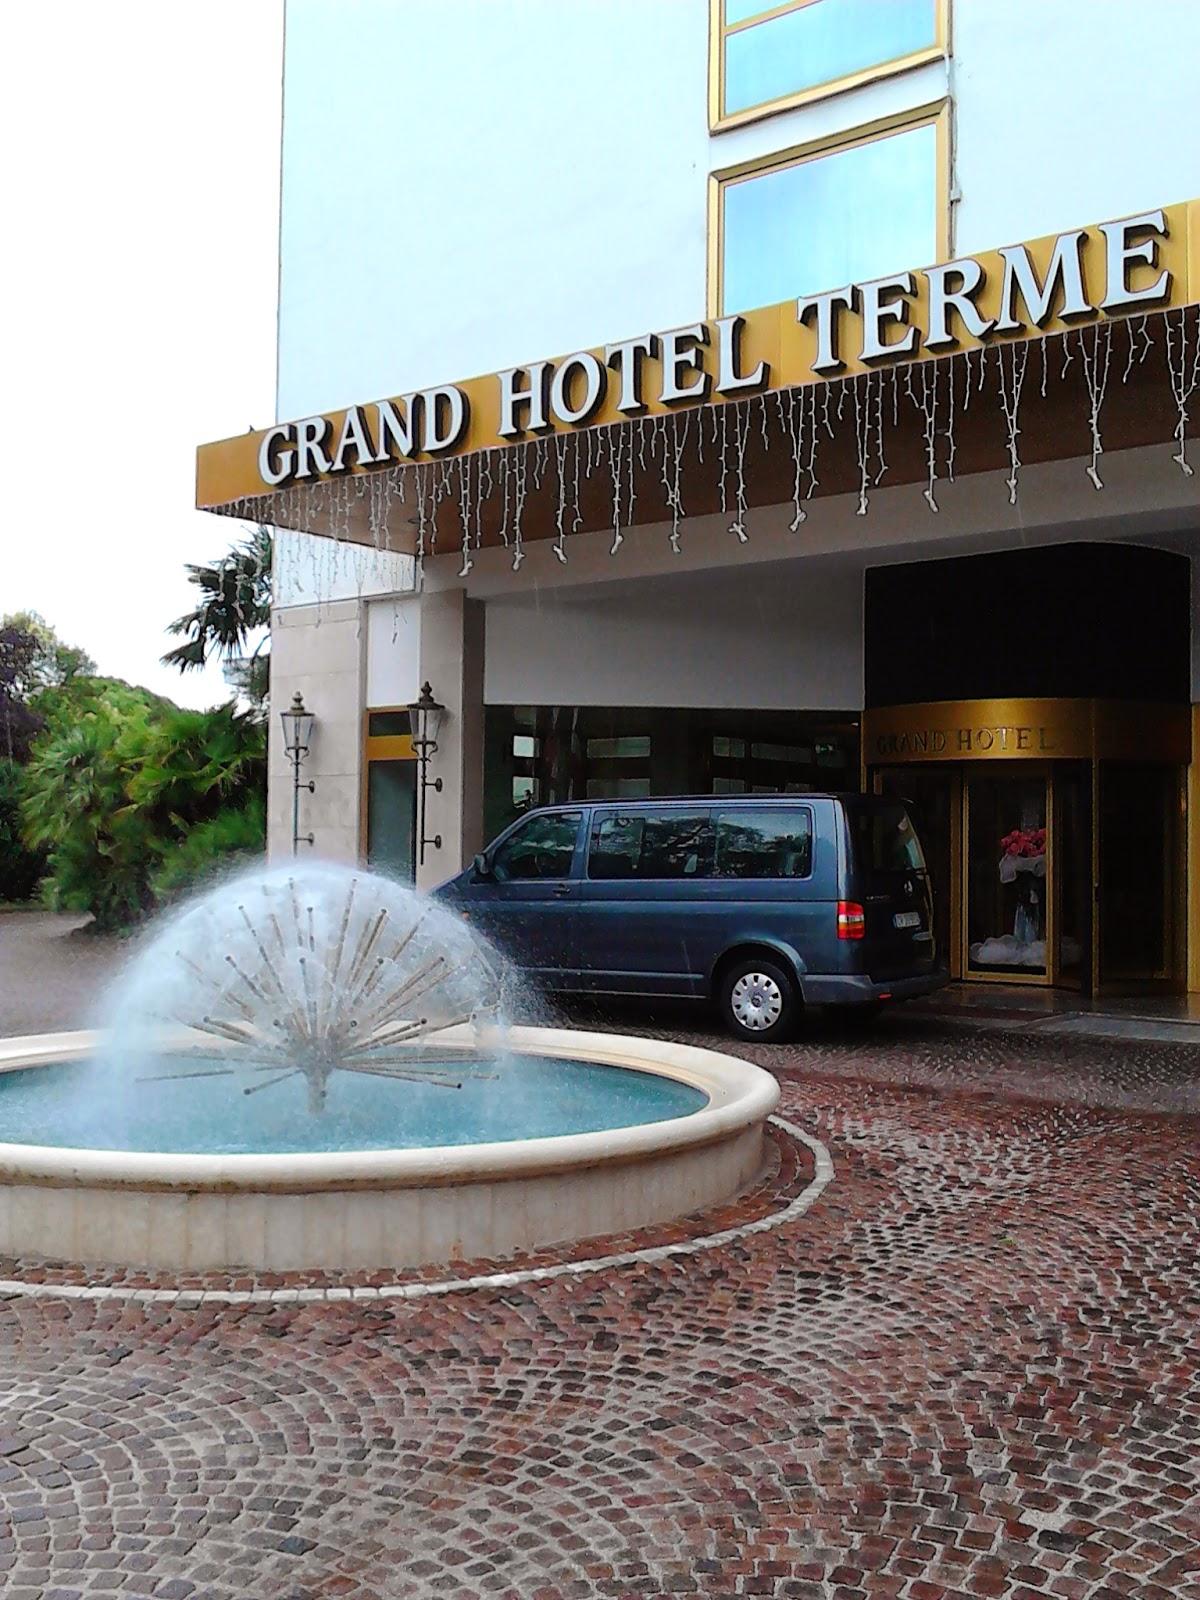 Spa Montegrotto Terme Sauna Finlandese: Toscana In Cartellone: Al Grand Hotel Terme Di Montegrotto